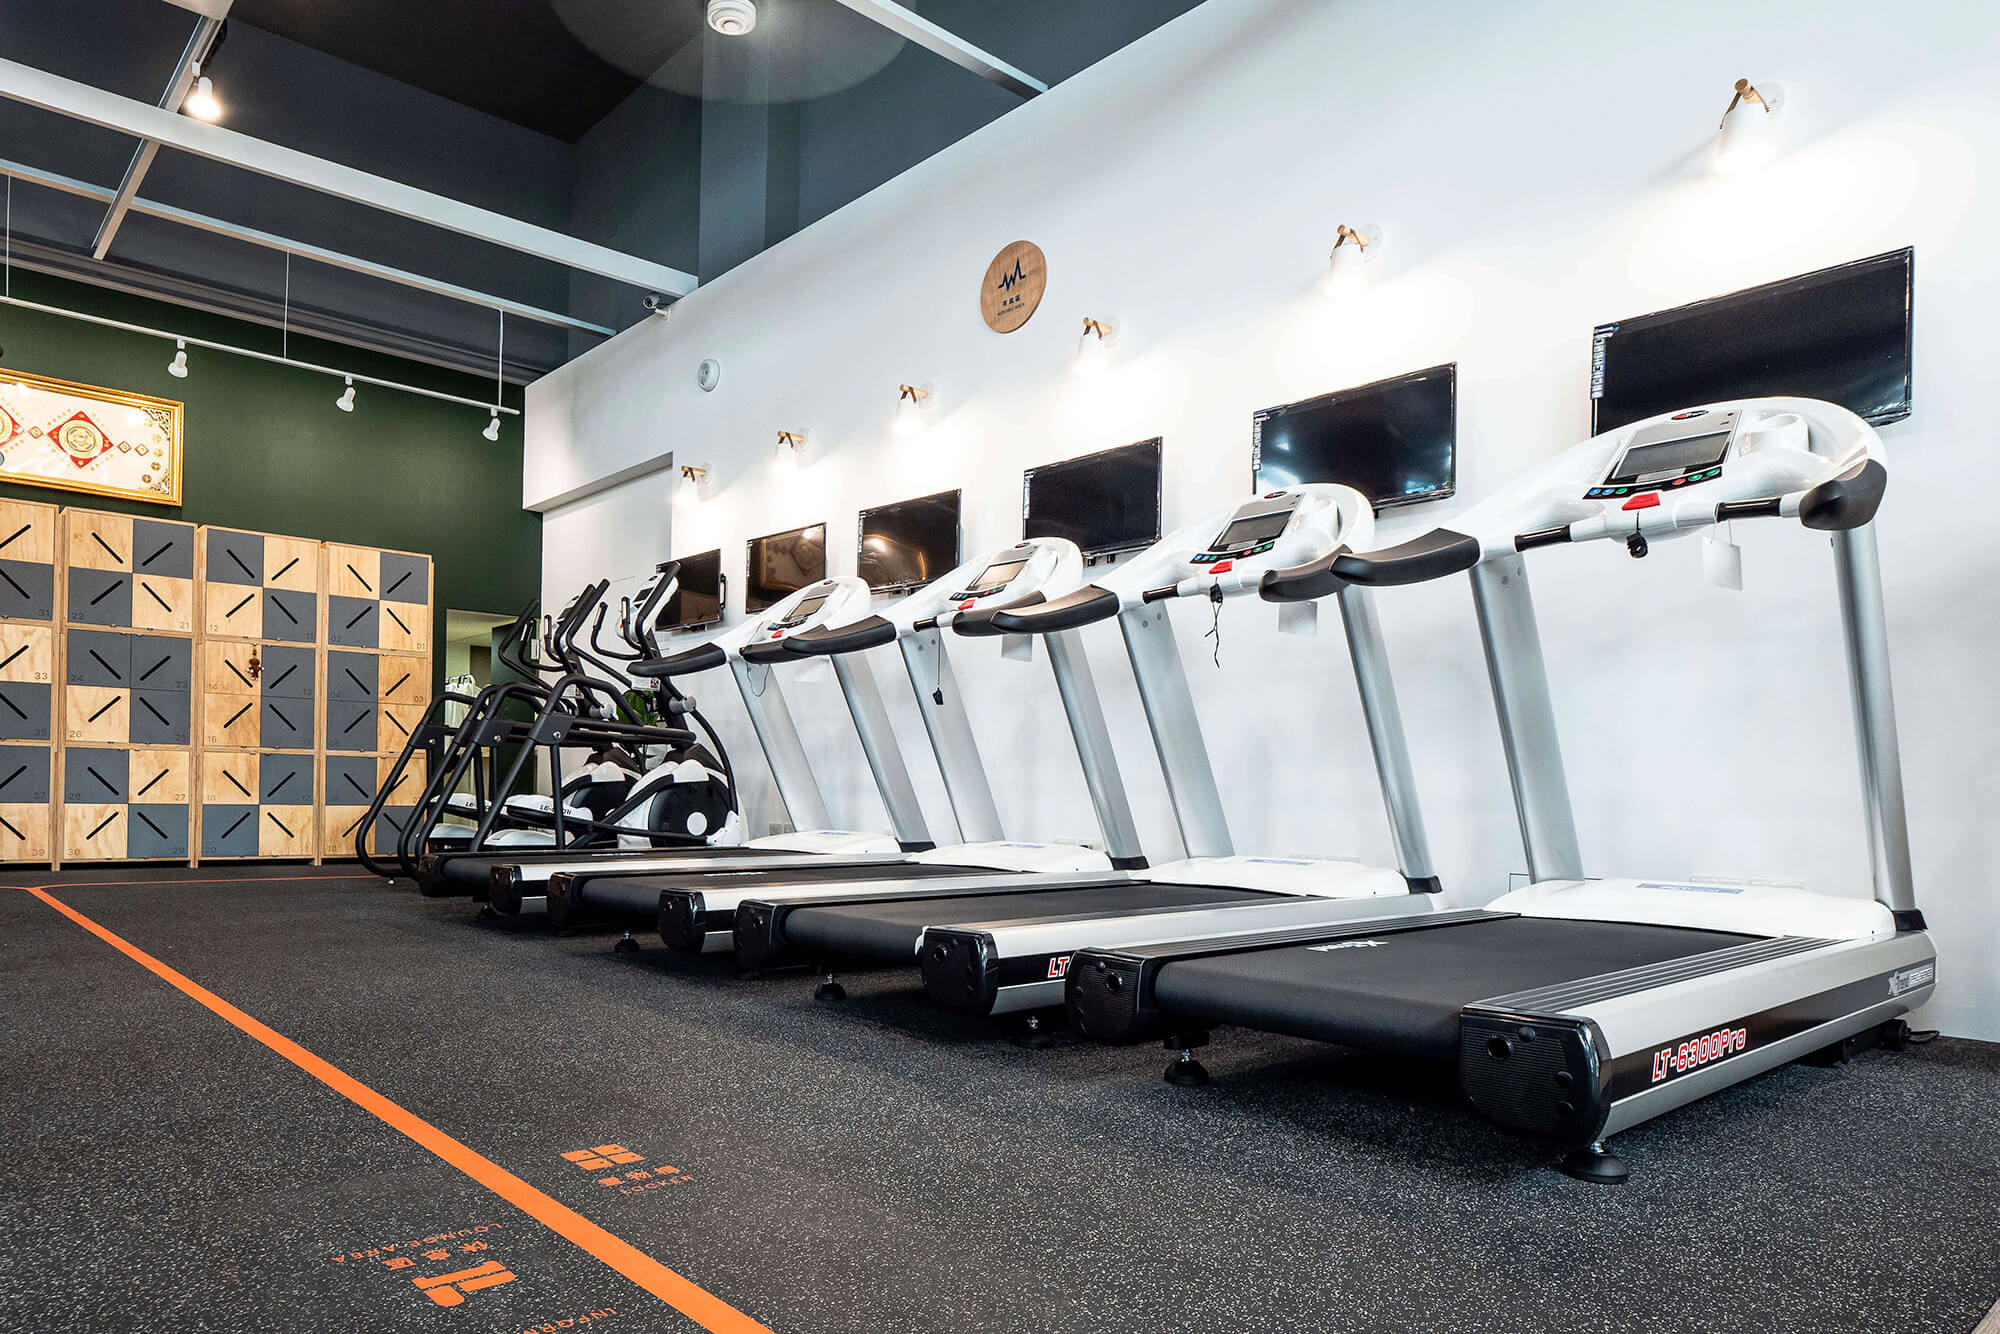 嘉義健身房室內空間設計-有氧運動區|塔索肌力與體能訓練中心